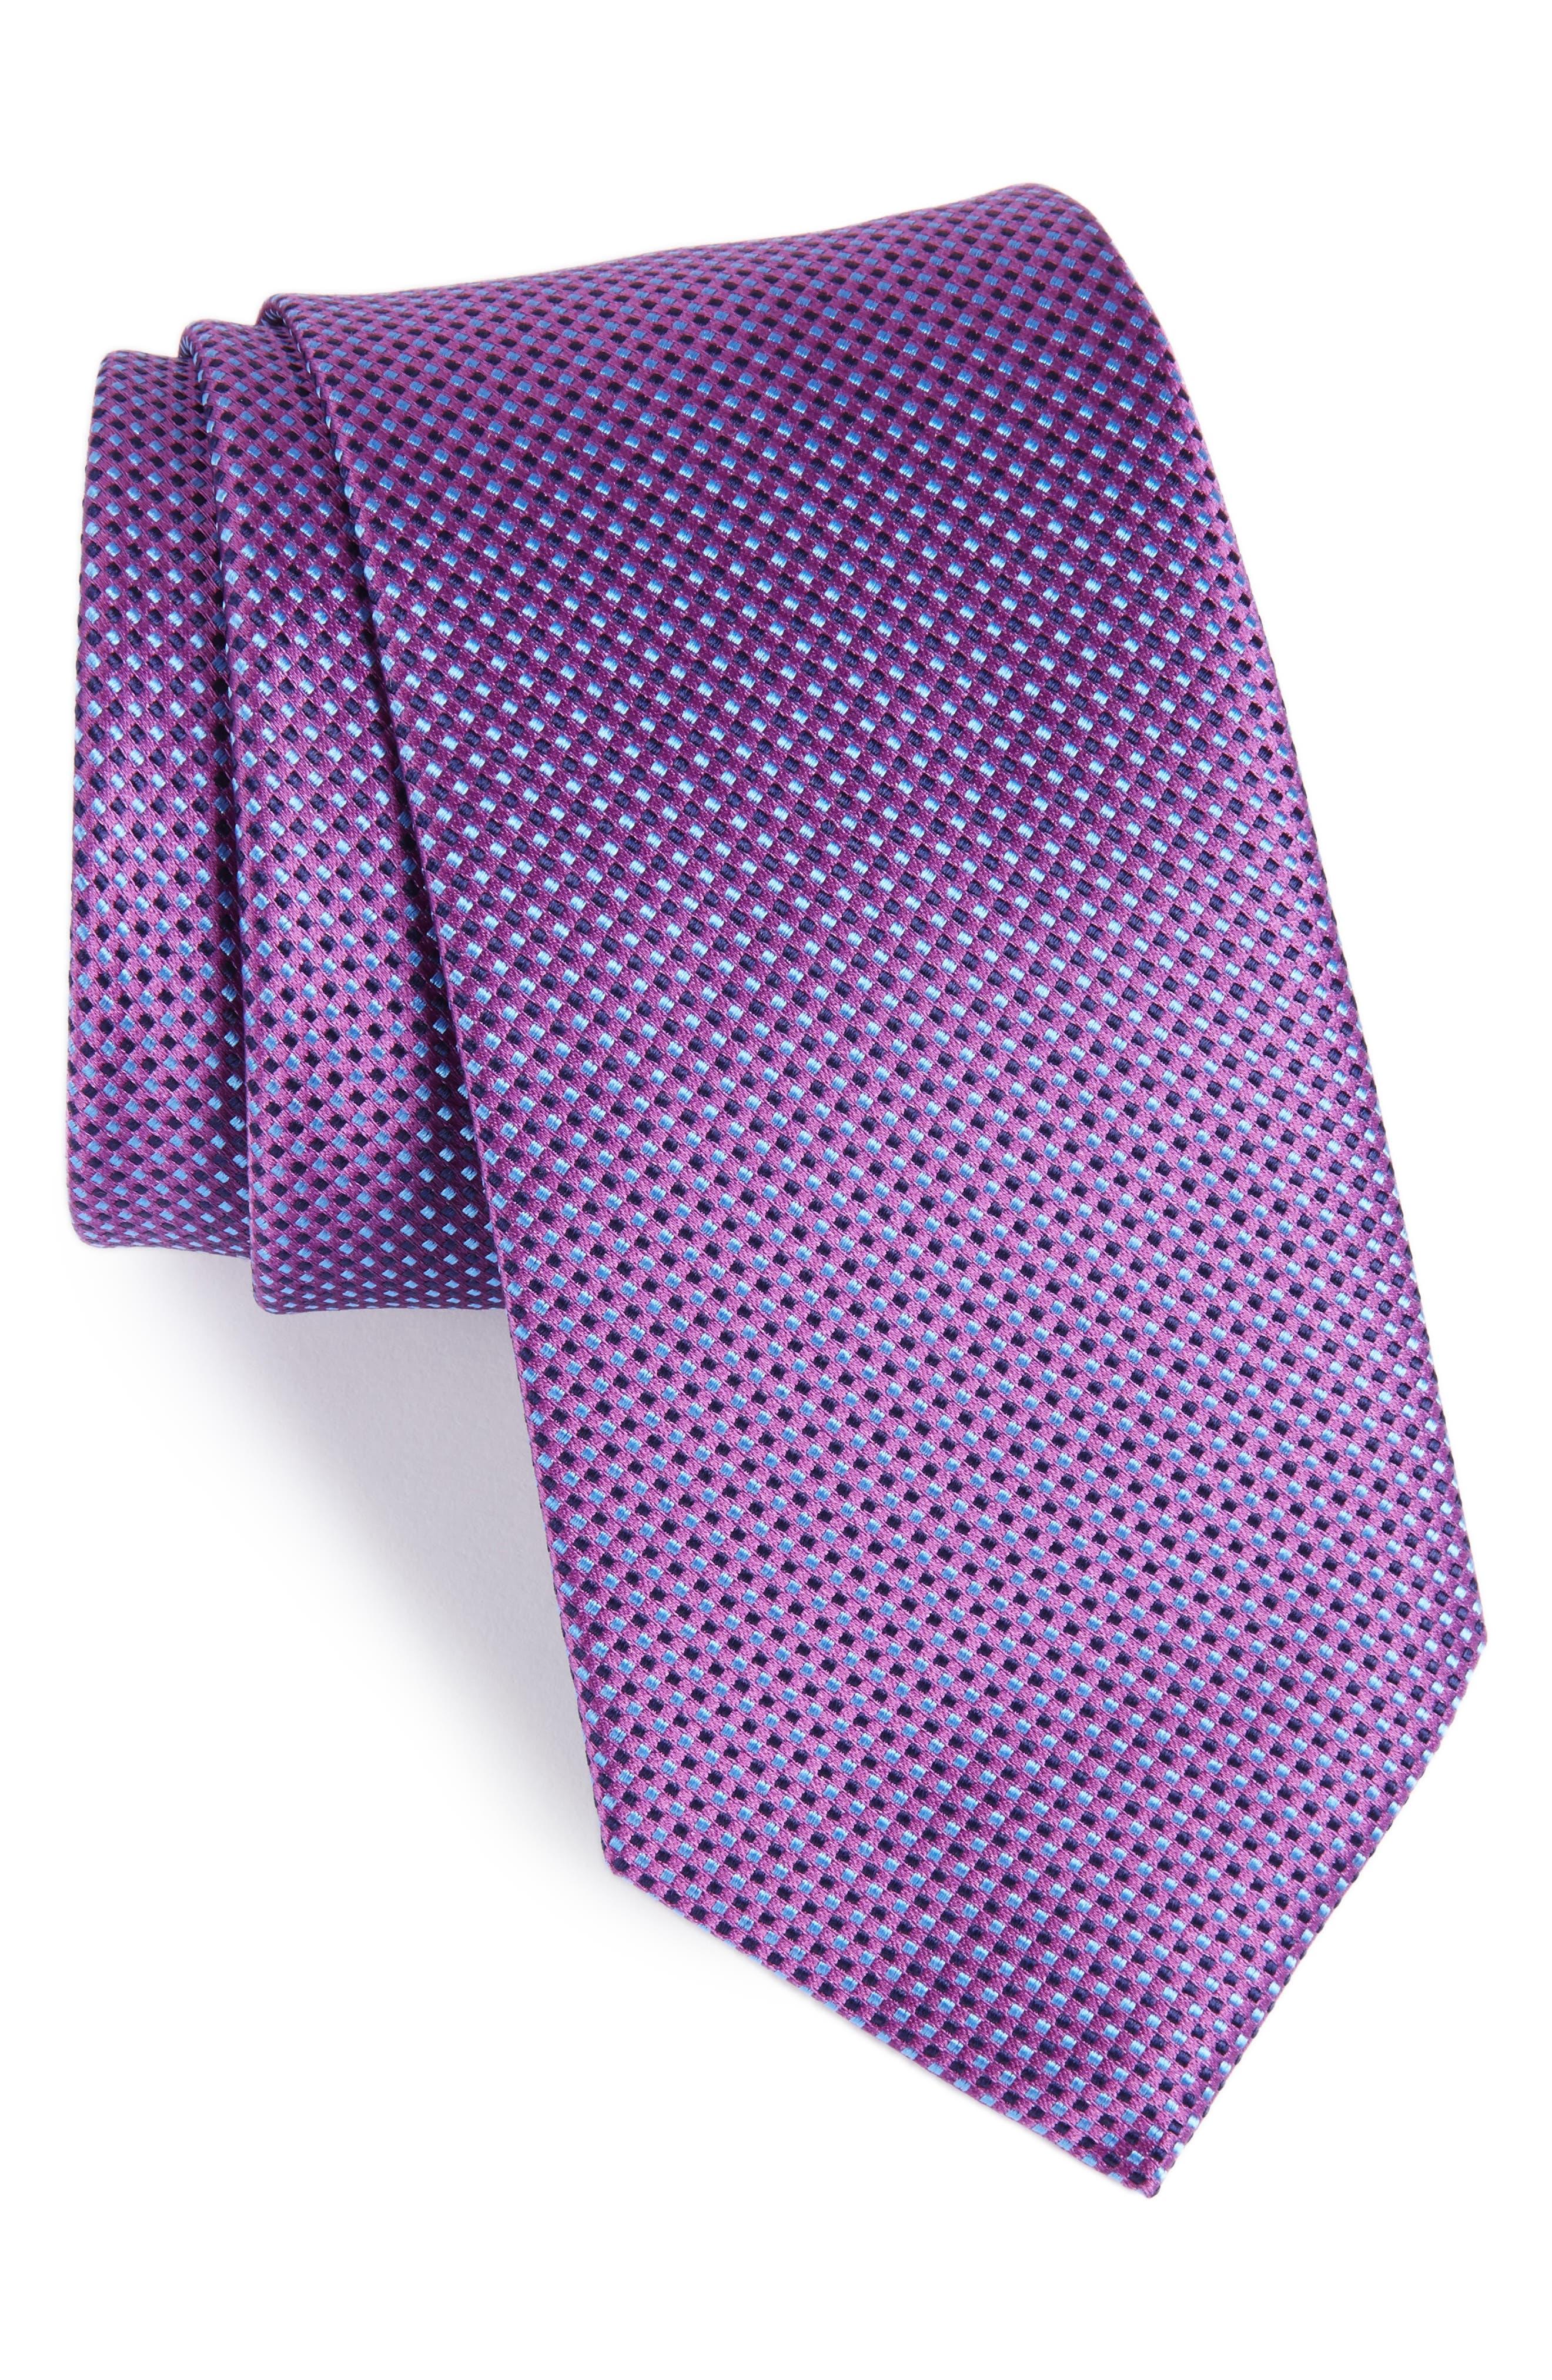 Alternate Image 1 Selected - Eton Microdot Silk Tie